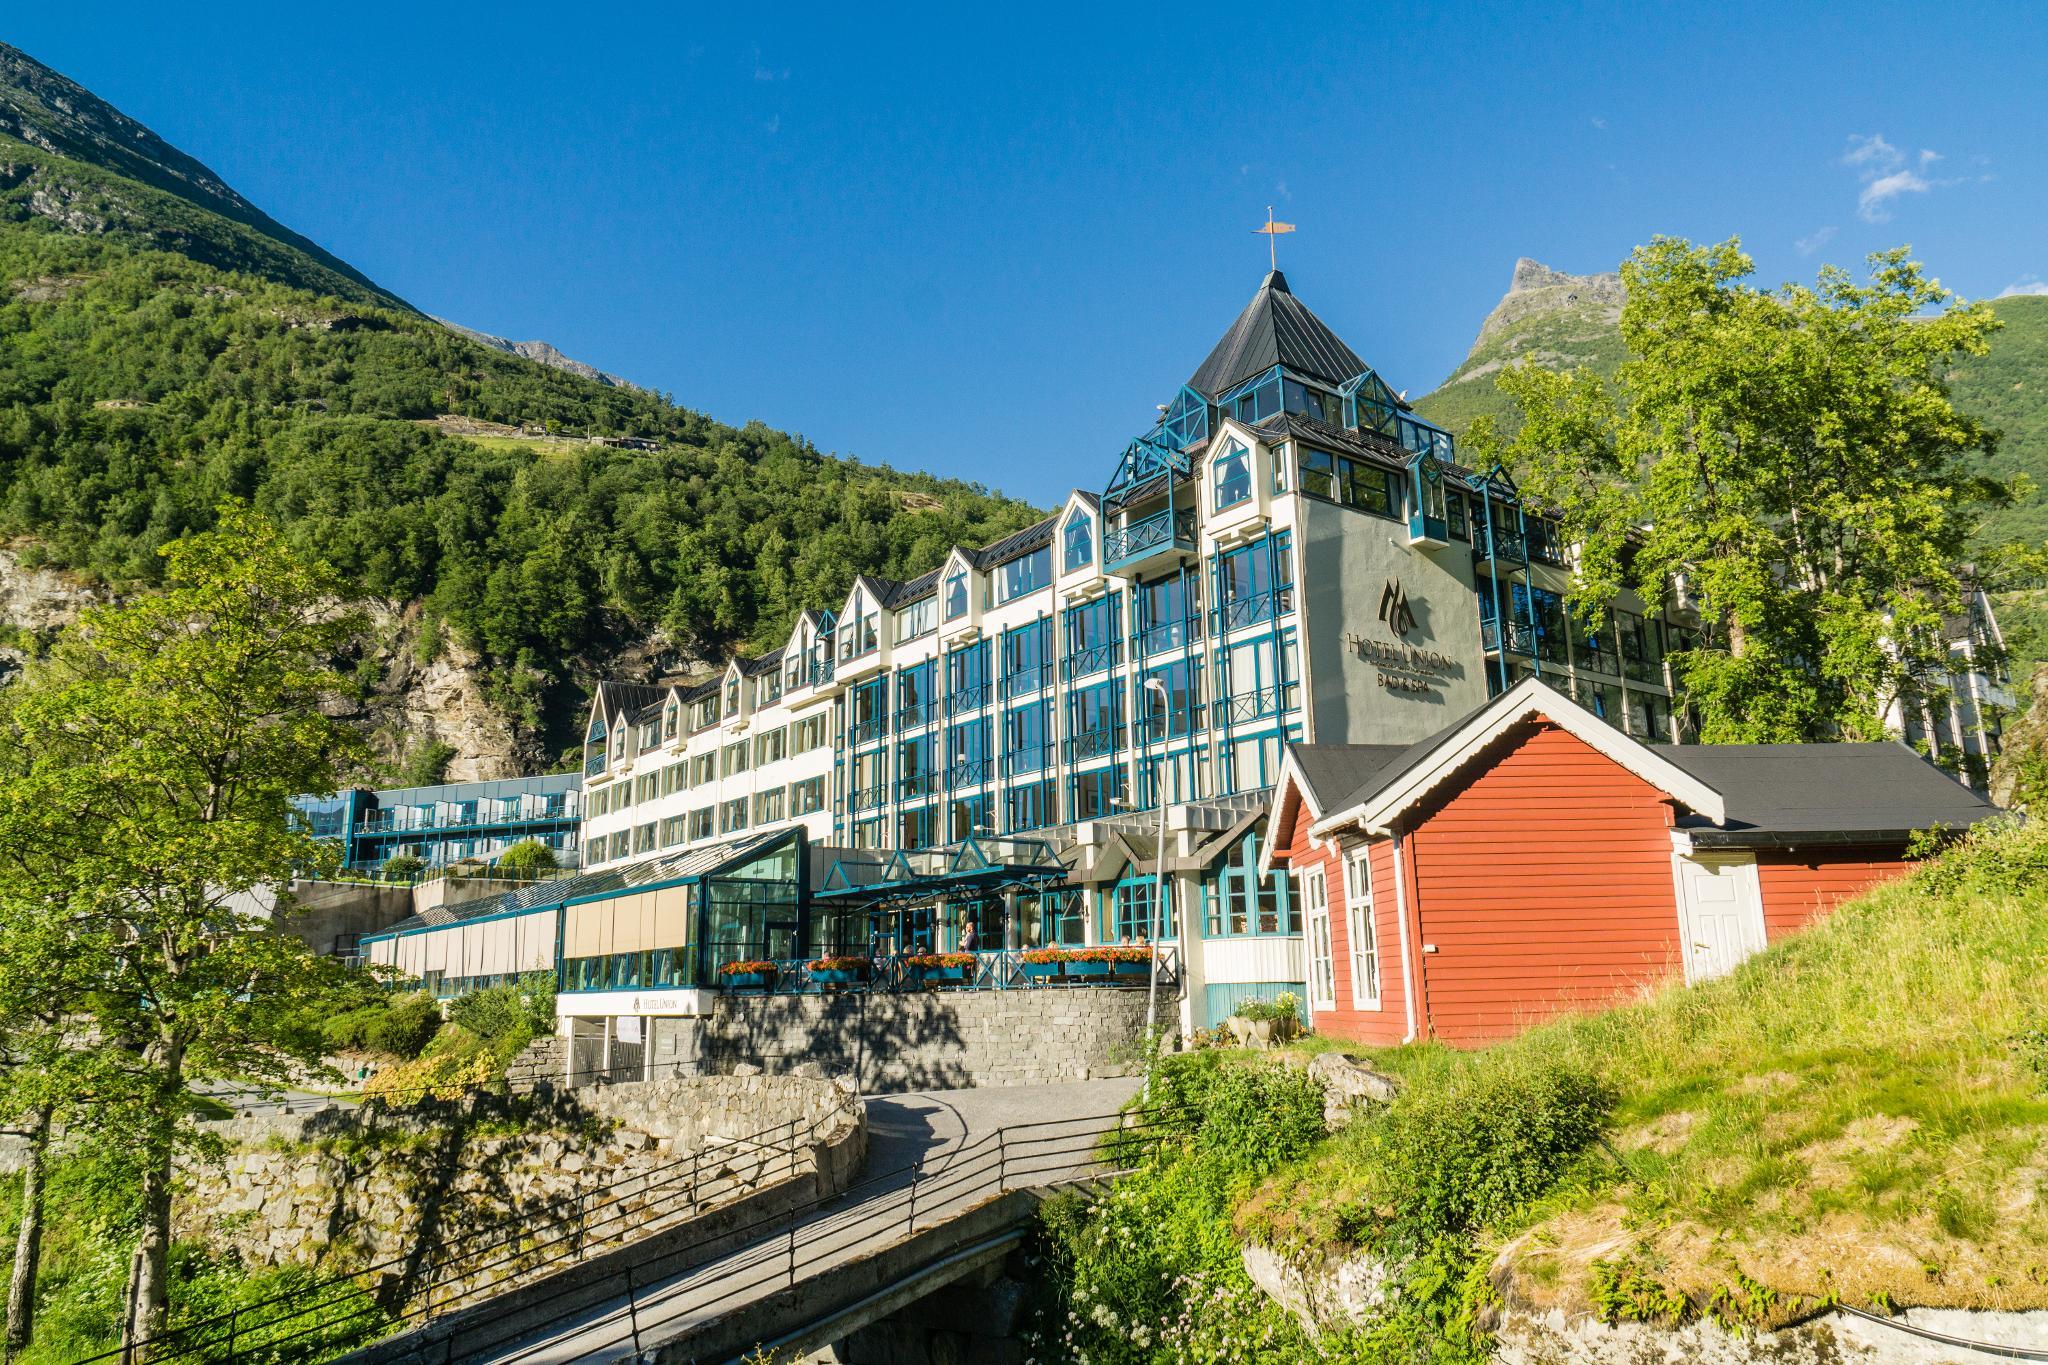 【北歐景點】Ørnesvingen 老鷹之路 ∣ 挪威世界遺產 — 蓋倫格峽灣景點總整理 34